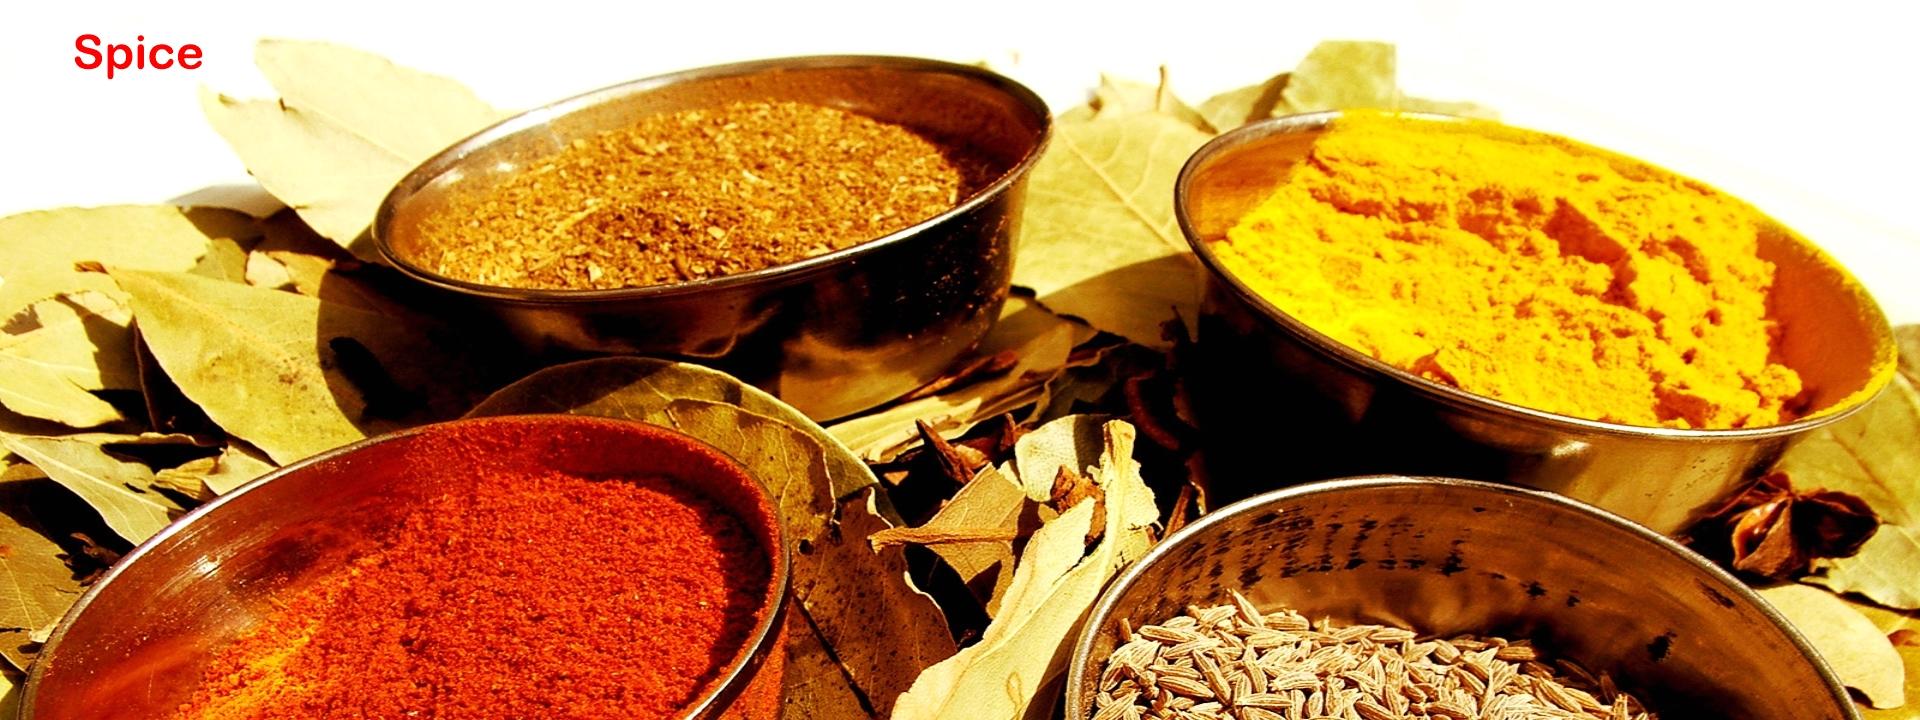 Spice, Basil, Cumin, Chilli